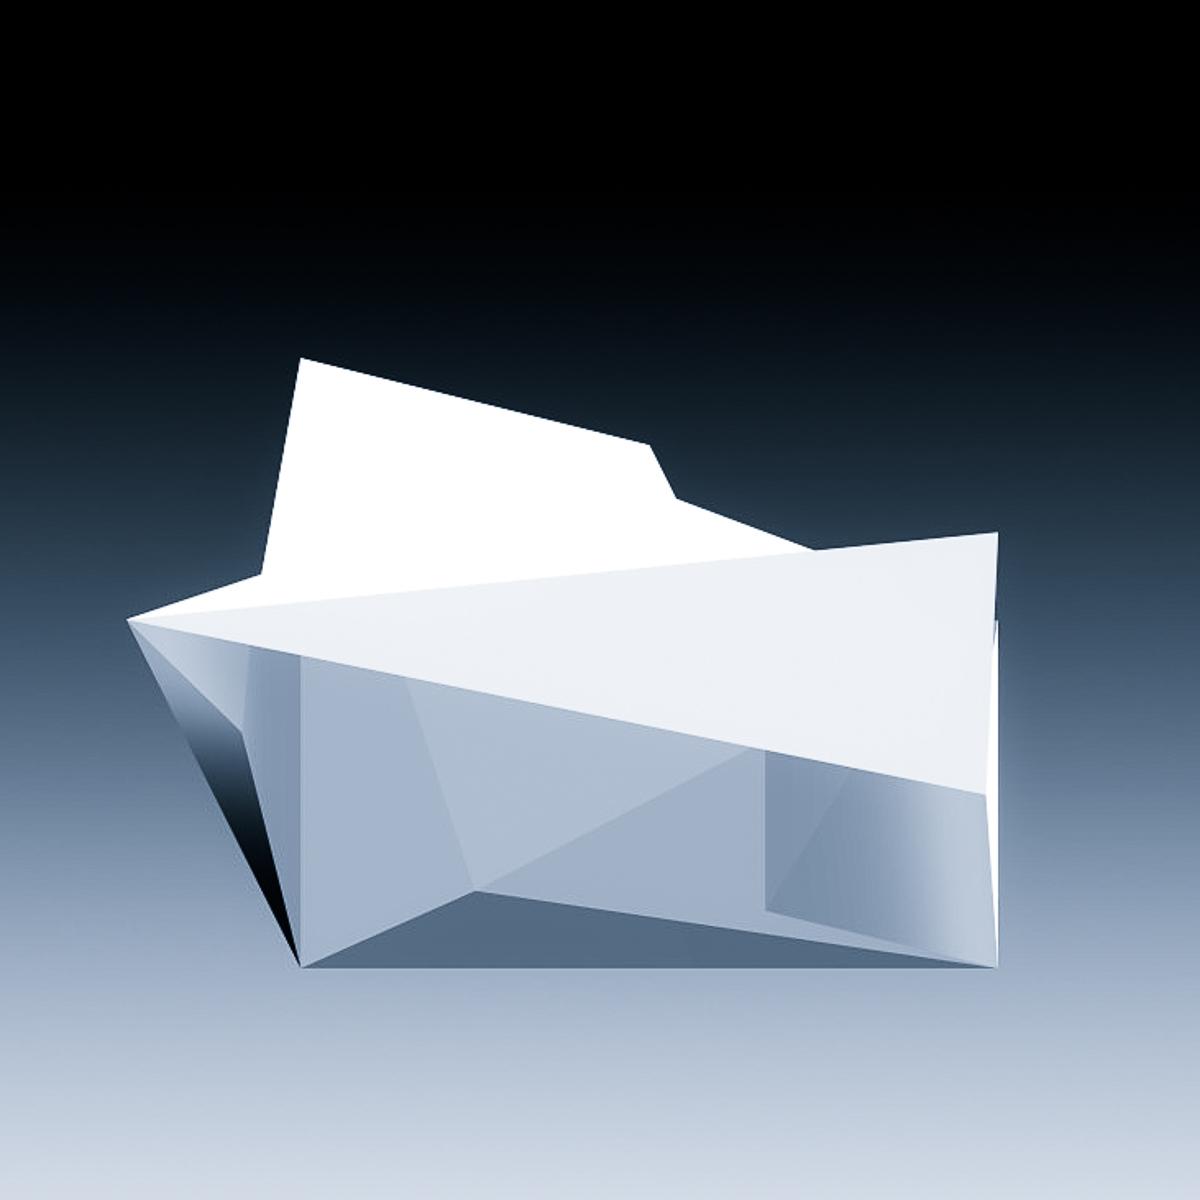 duotone-5.jpg